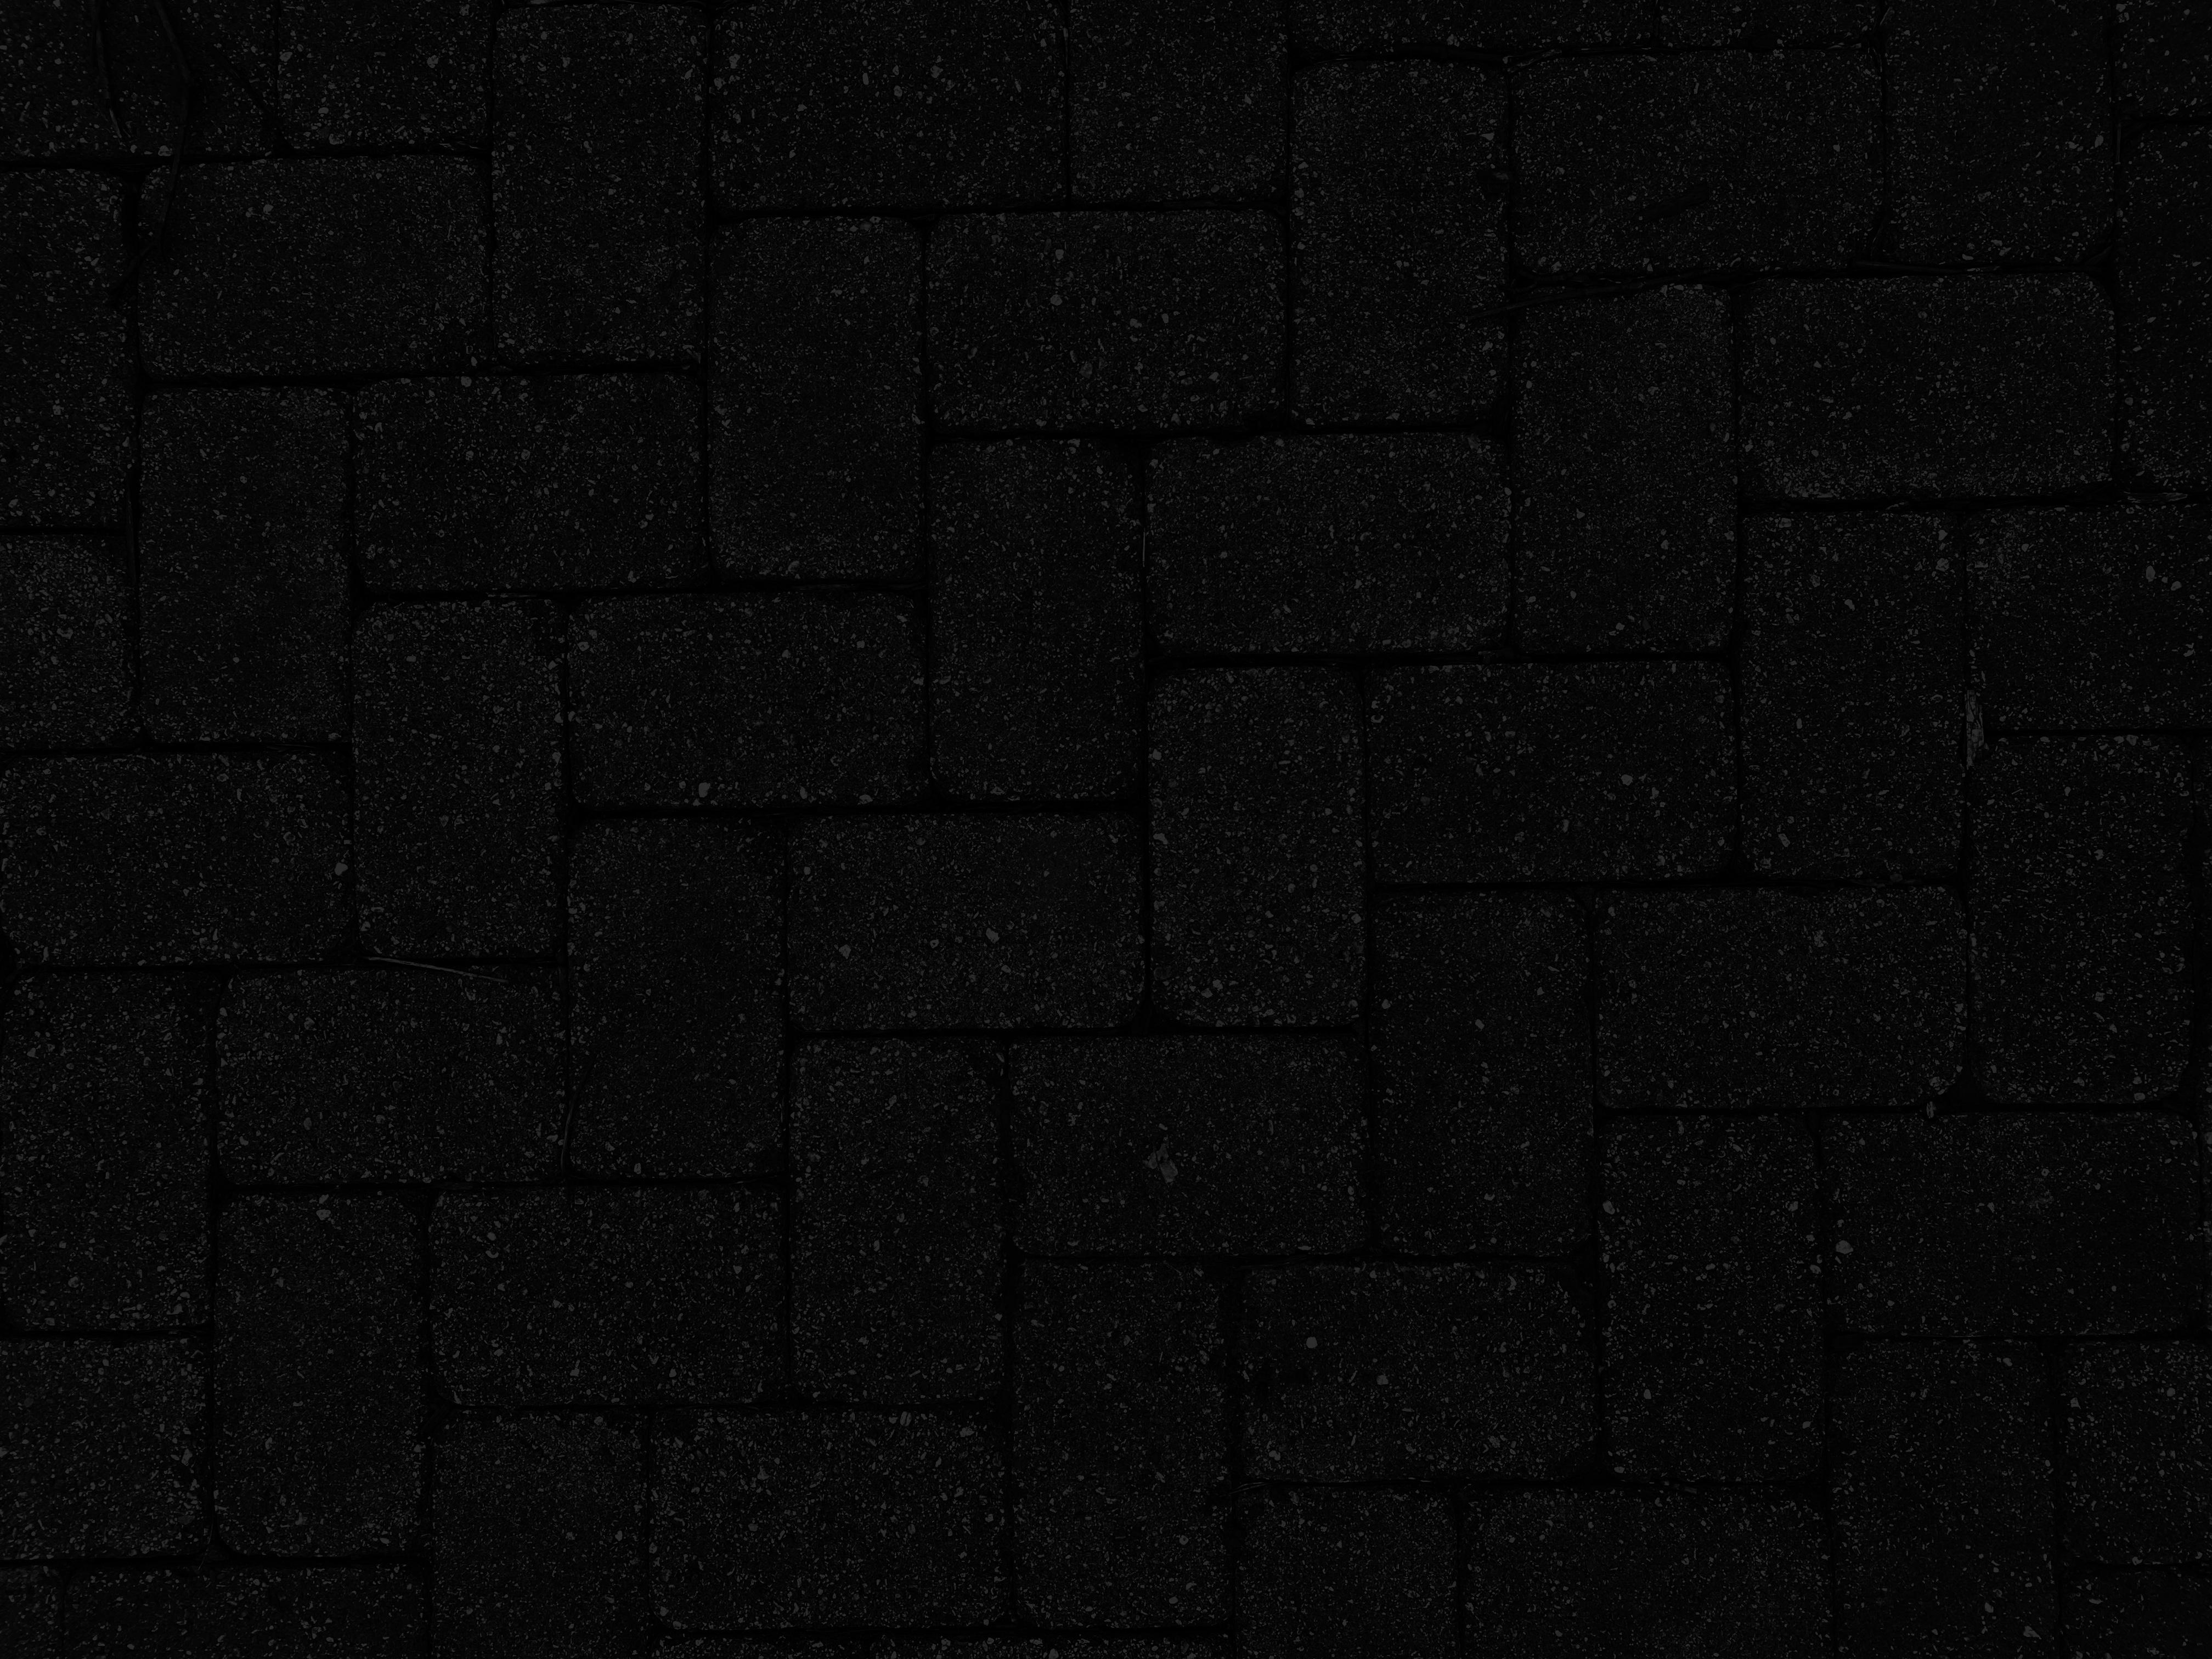 Dark Textured Wallpapers